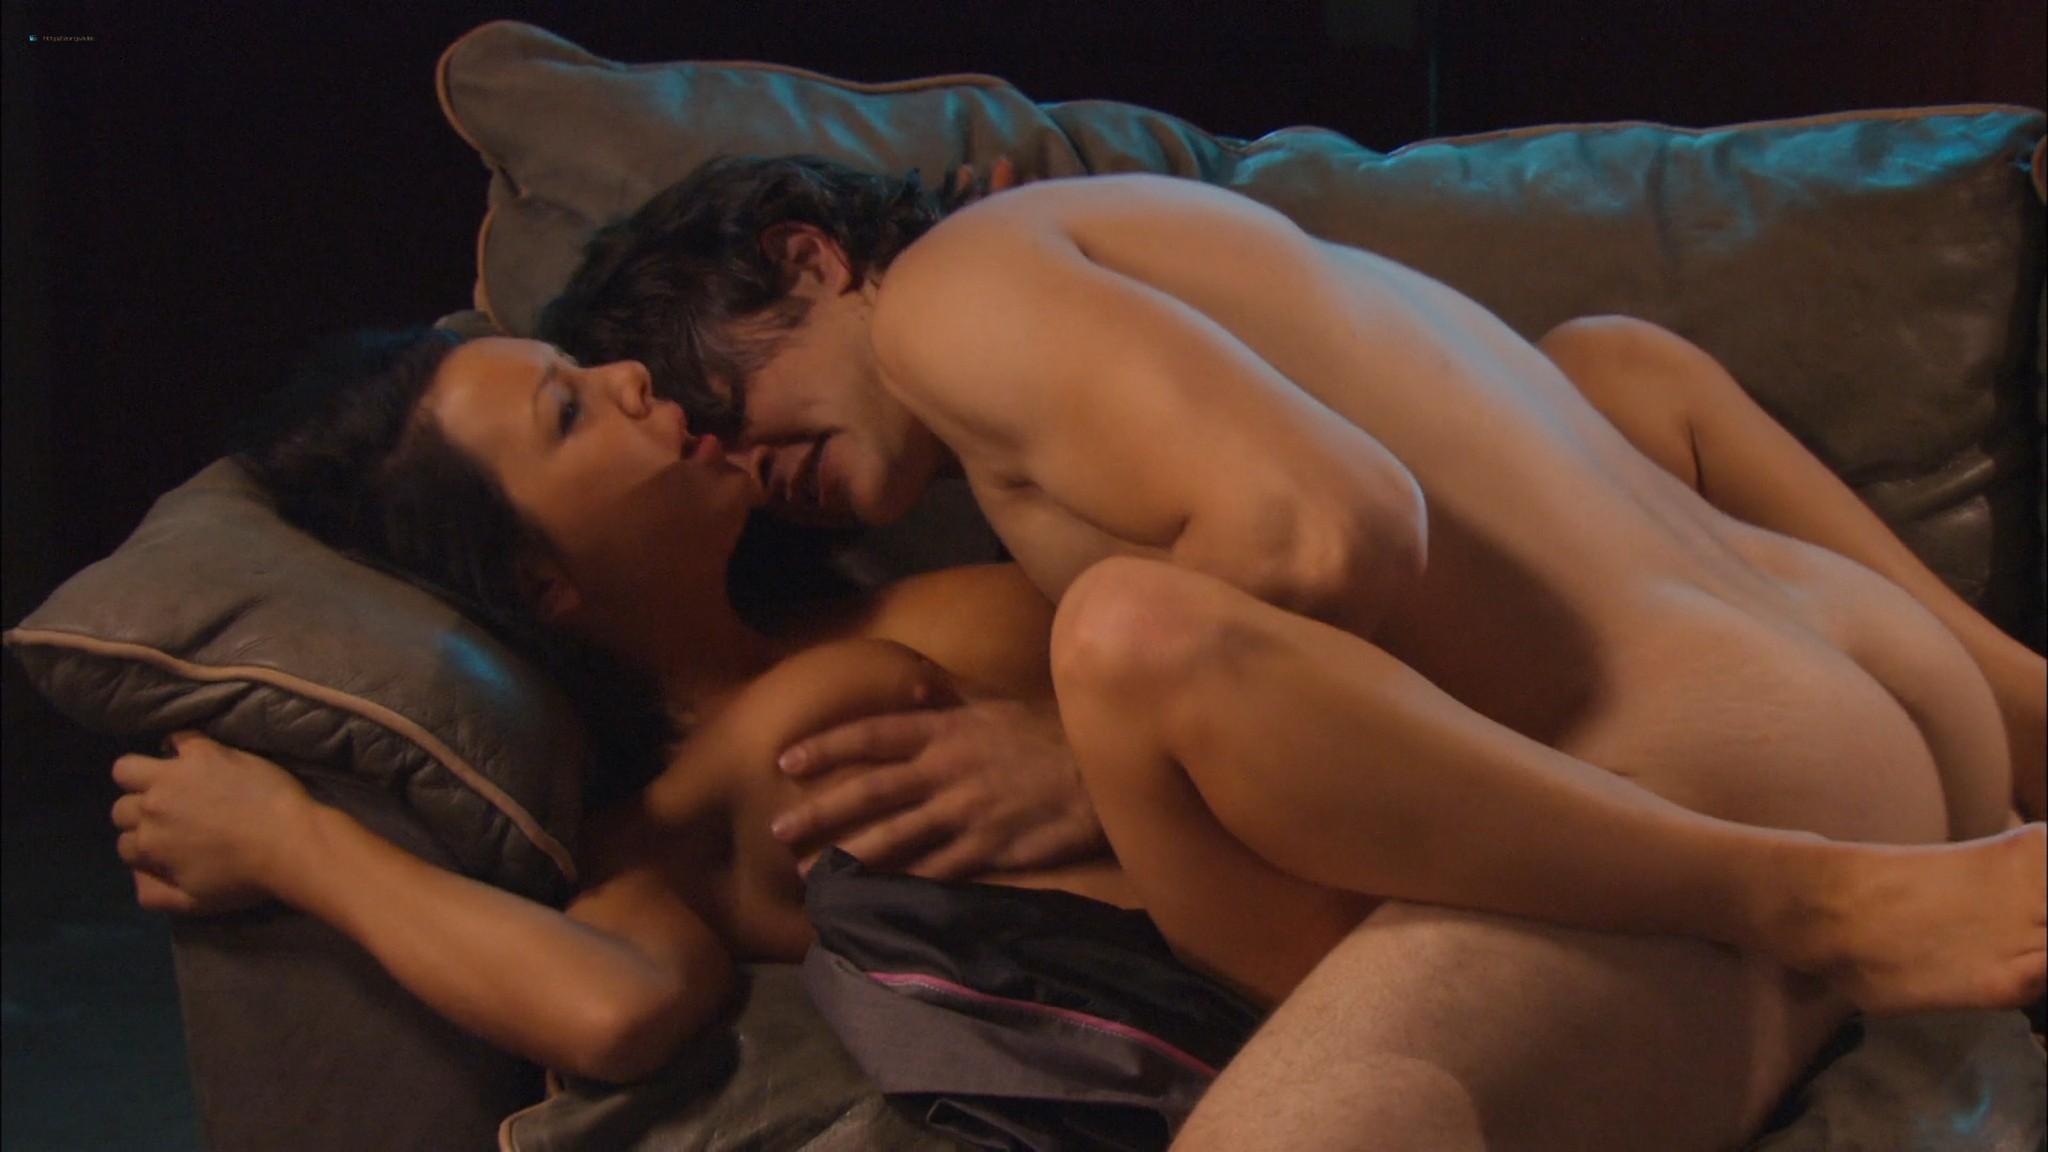 Lana Tailor nude sex Heather ODonnell nude Lingerie 2010 s2e10 1080p 3